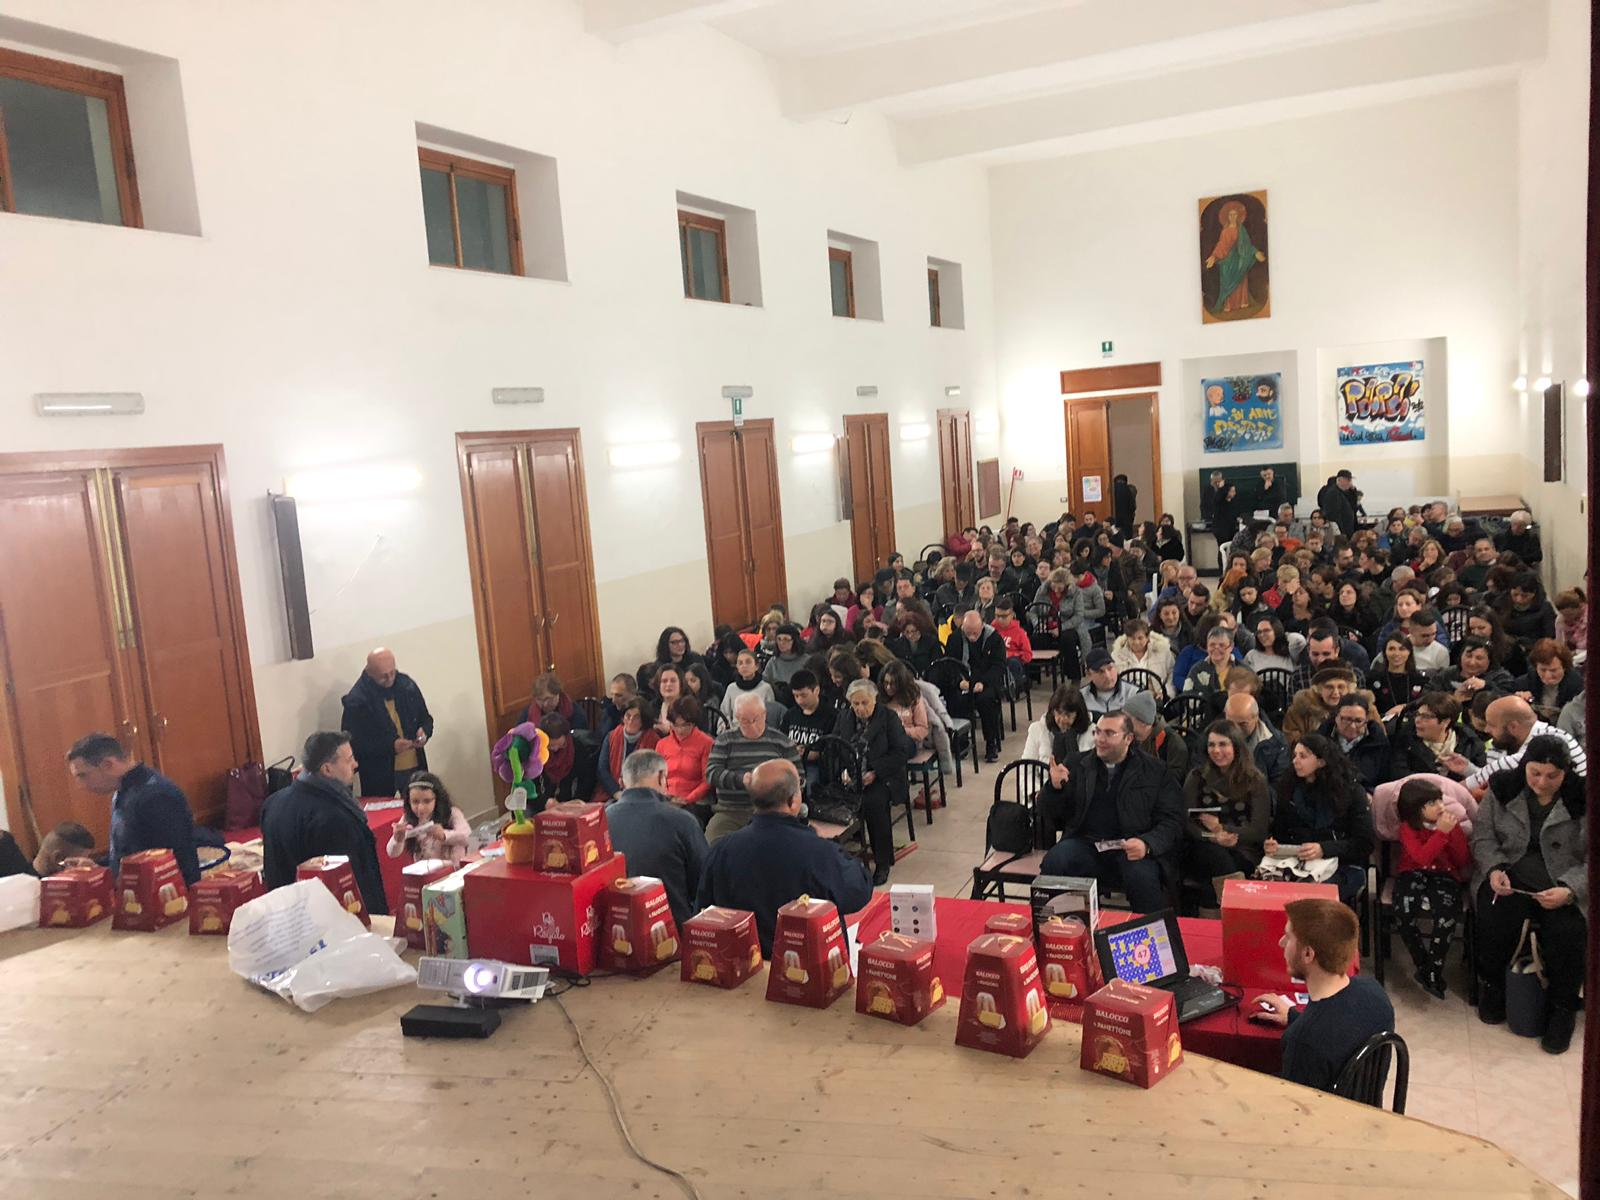 ACI TREZZA: UNA TOMBOLA PER FESTEGGIARE I 25 ANNI DELLA CONFRATERNITA SAN GIOVANNI BATTISTA